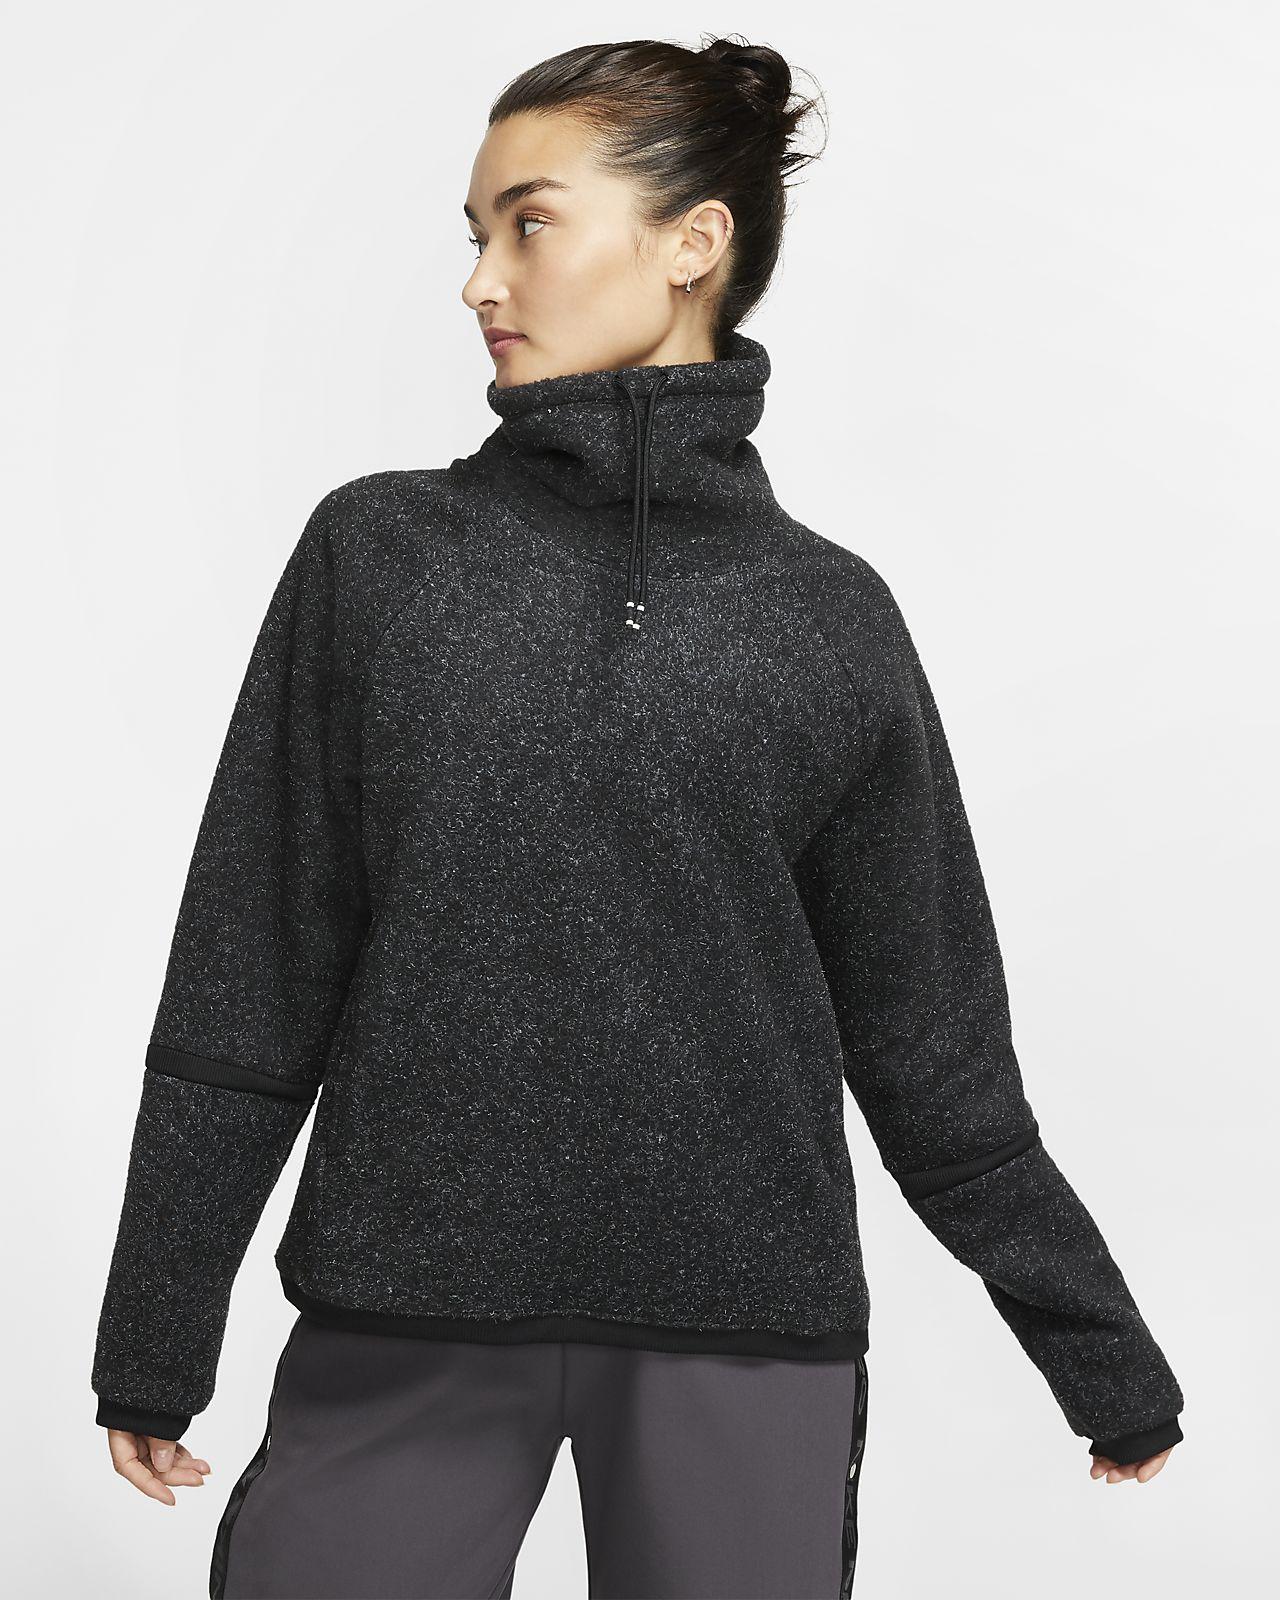 Женская флисовая футболка с длинным рукавом для тренинга Nike Therma